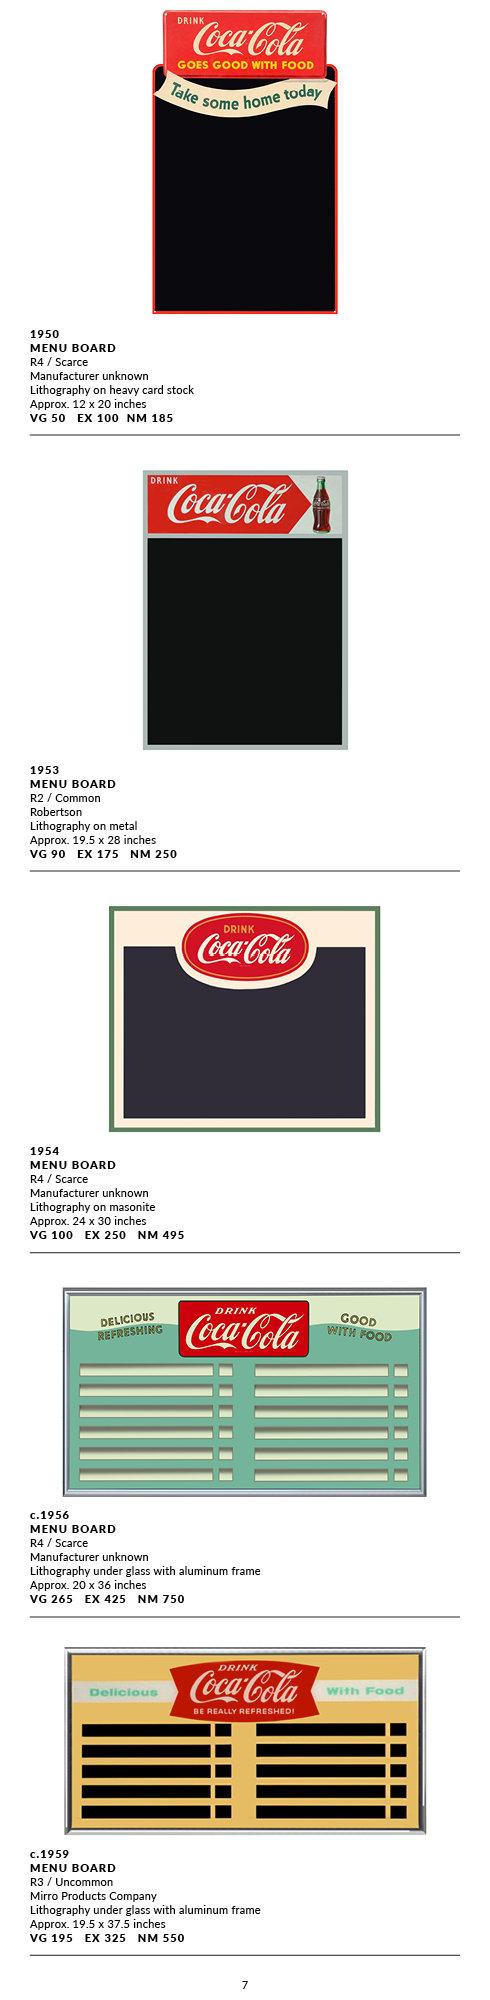 Menu Boards7.jpg